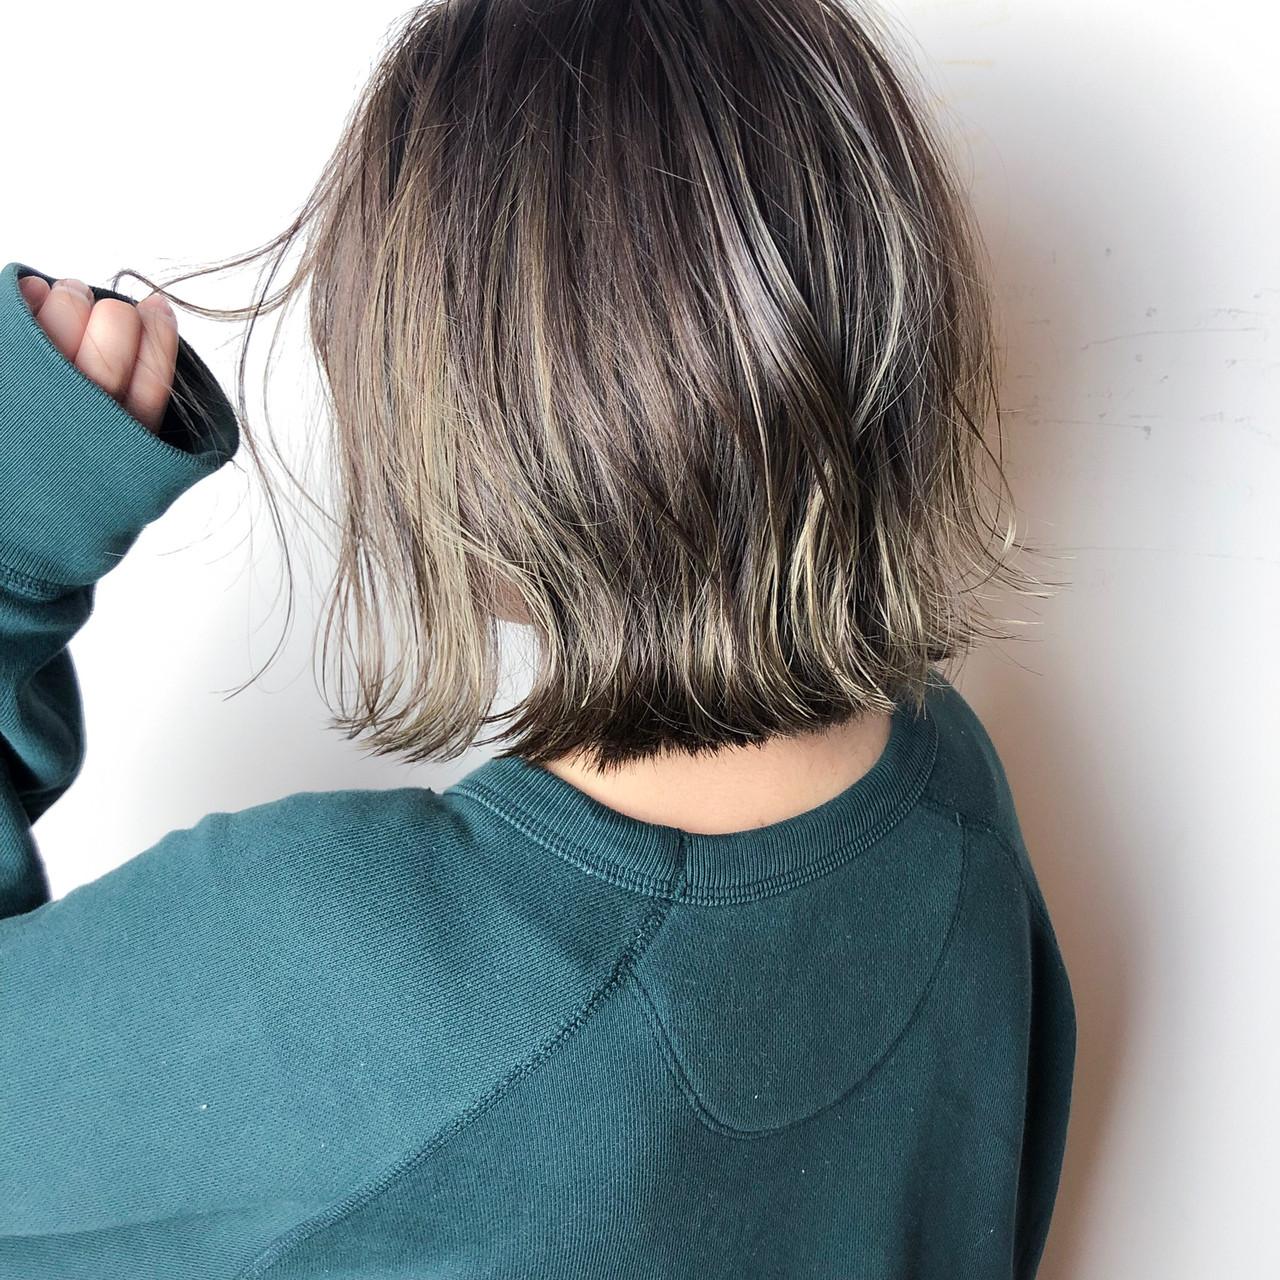 ボブ ハイライト ナチュラル アンニュイほつれヘア ヘアスタイルや髪型の写真・画像